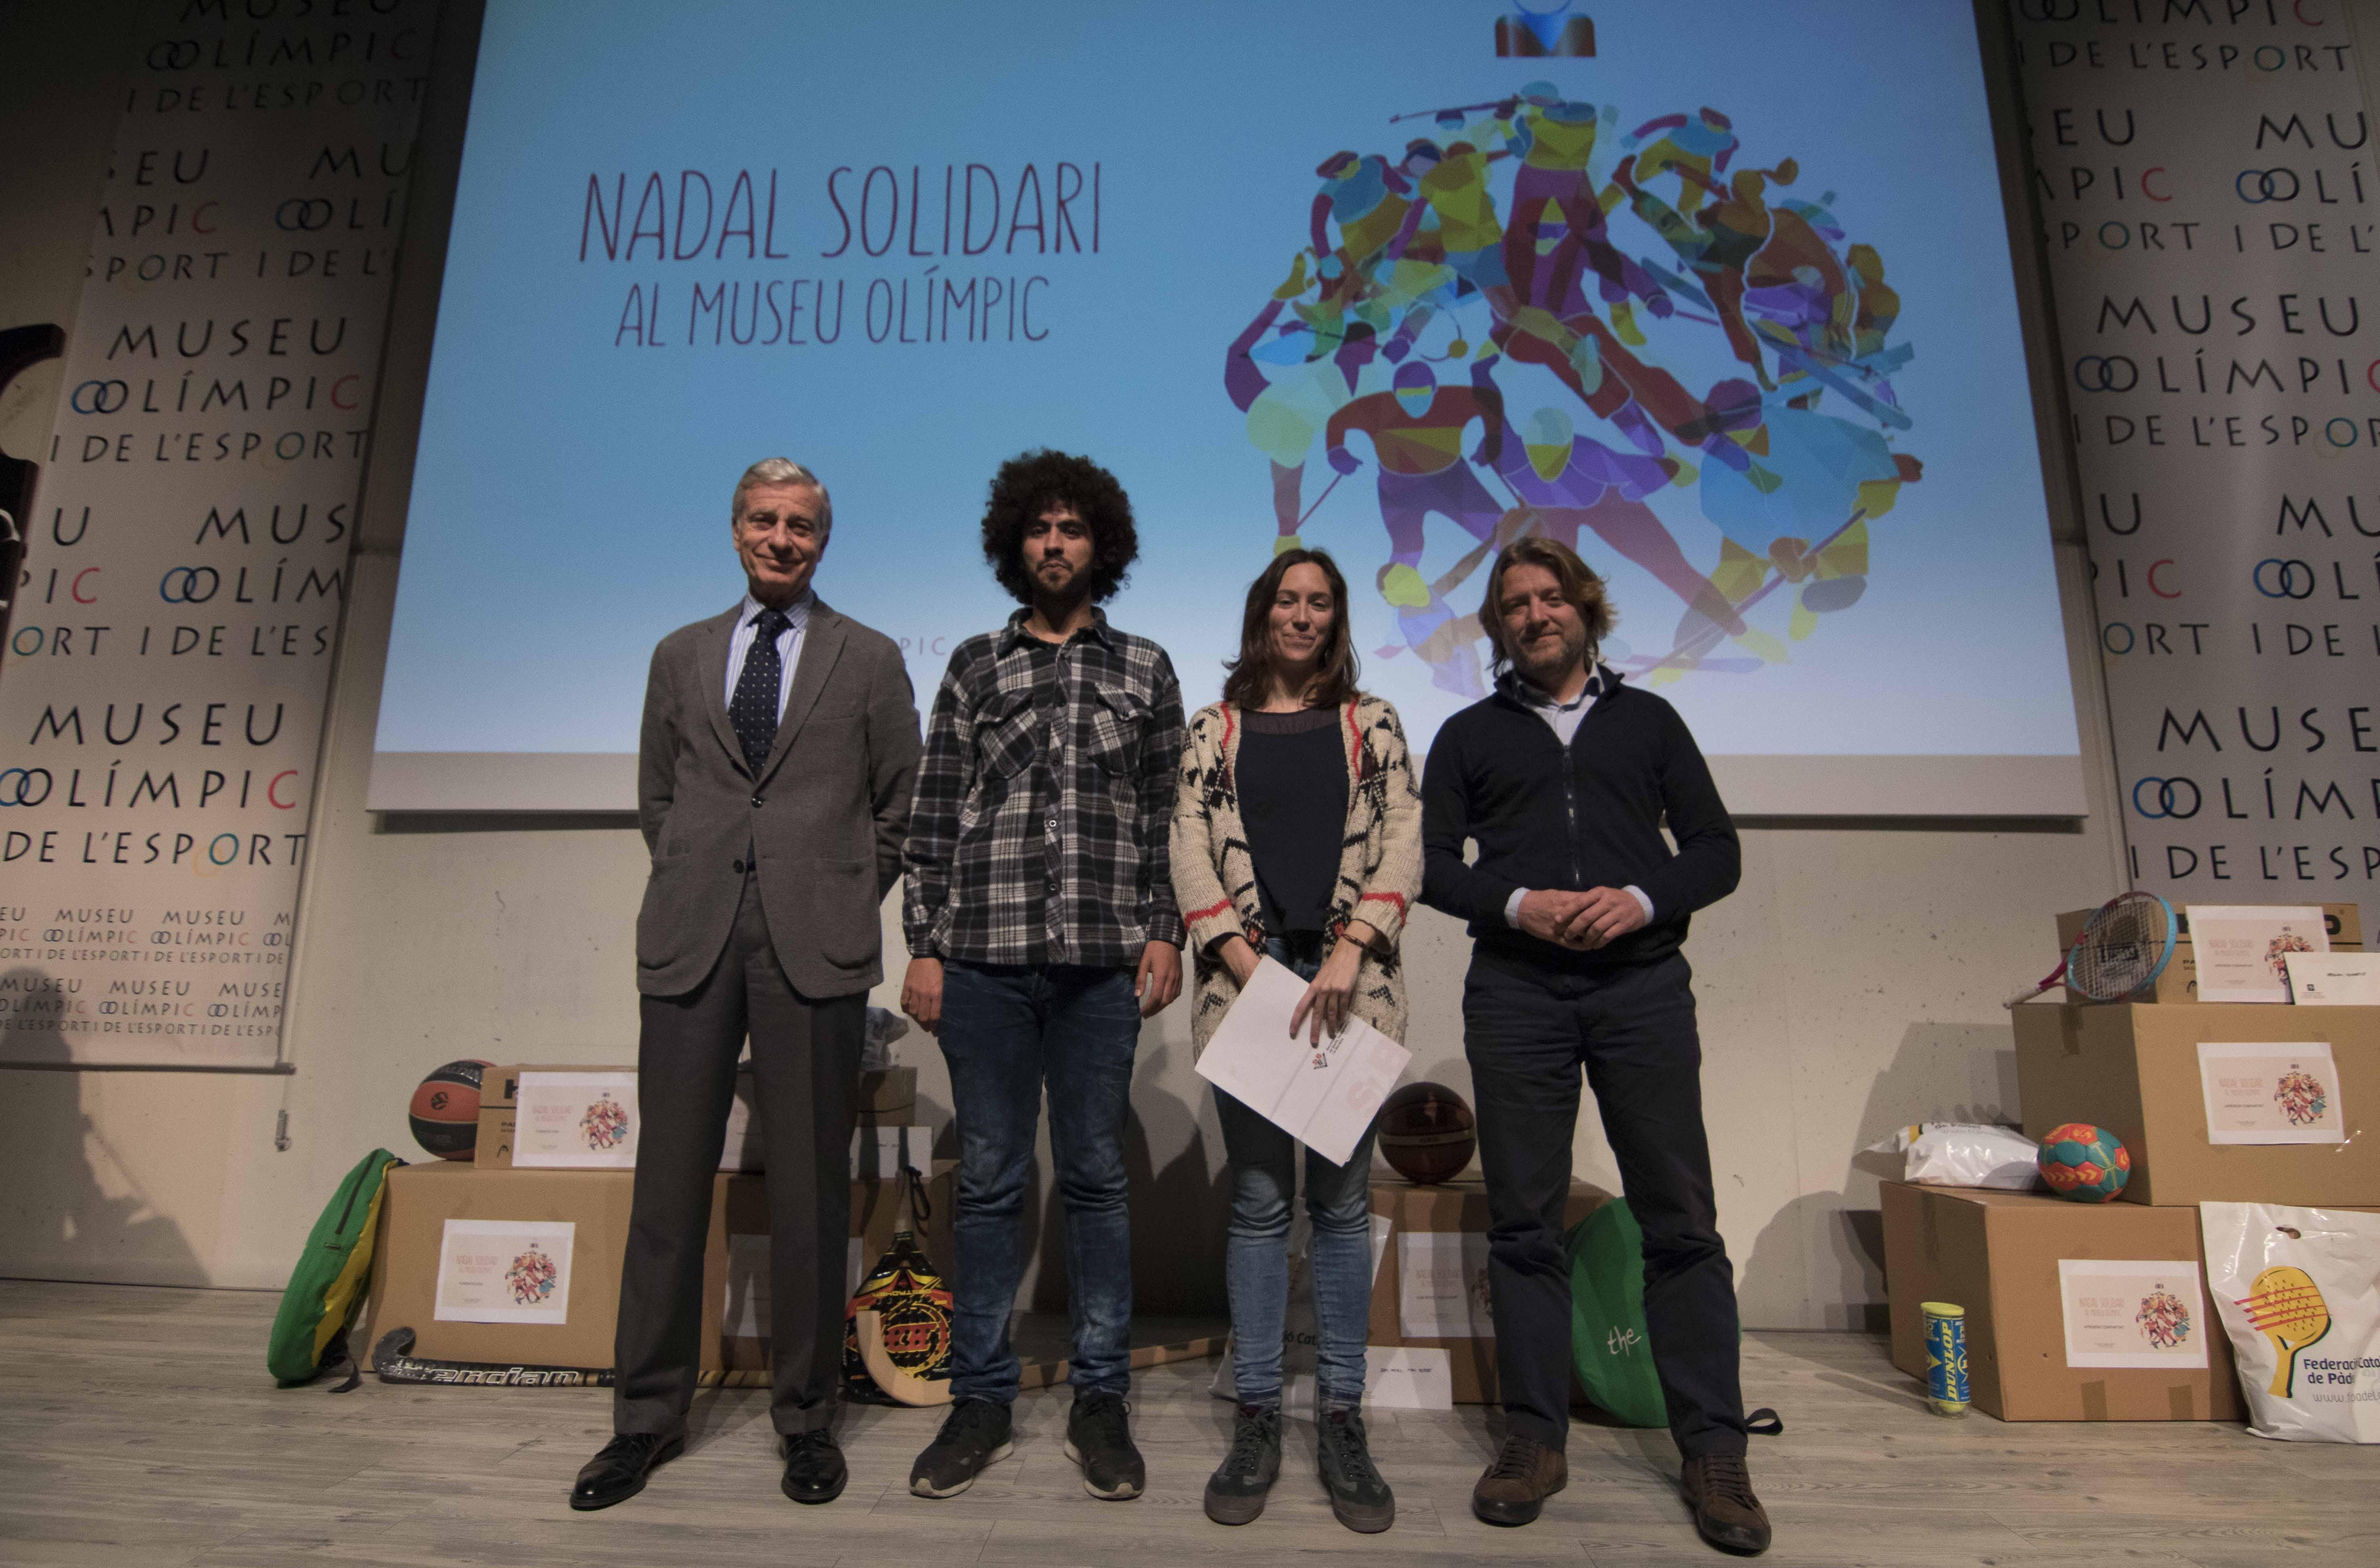 Genaro Millet, Hichan Chichati, Adriana Cabeceran, David Escude